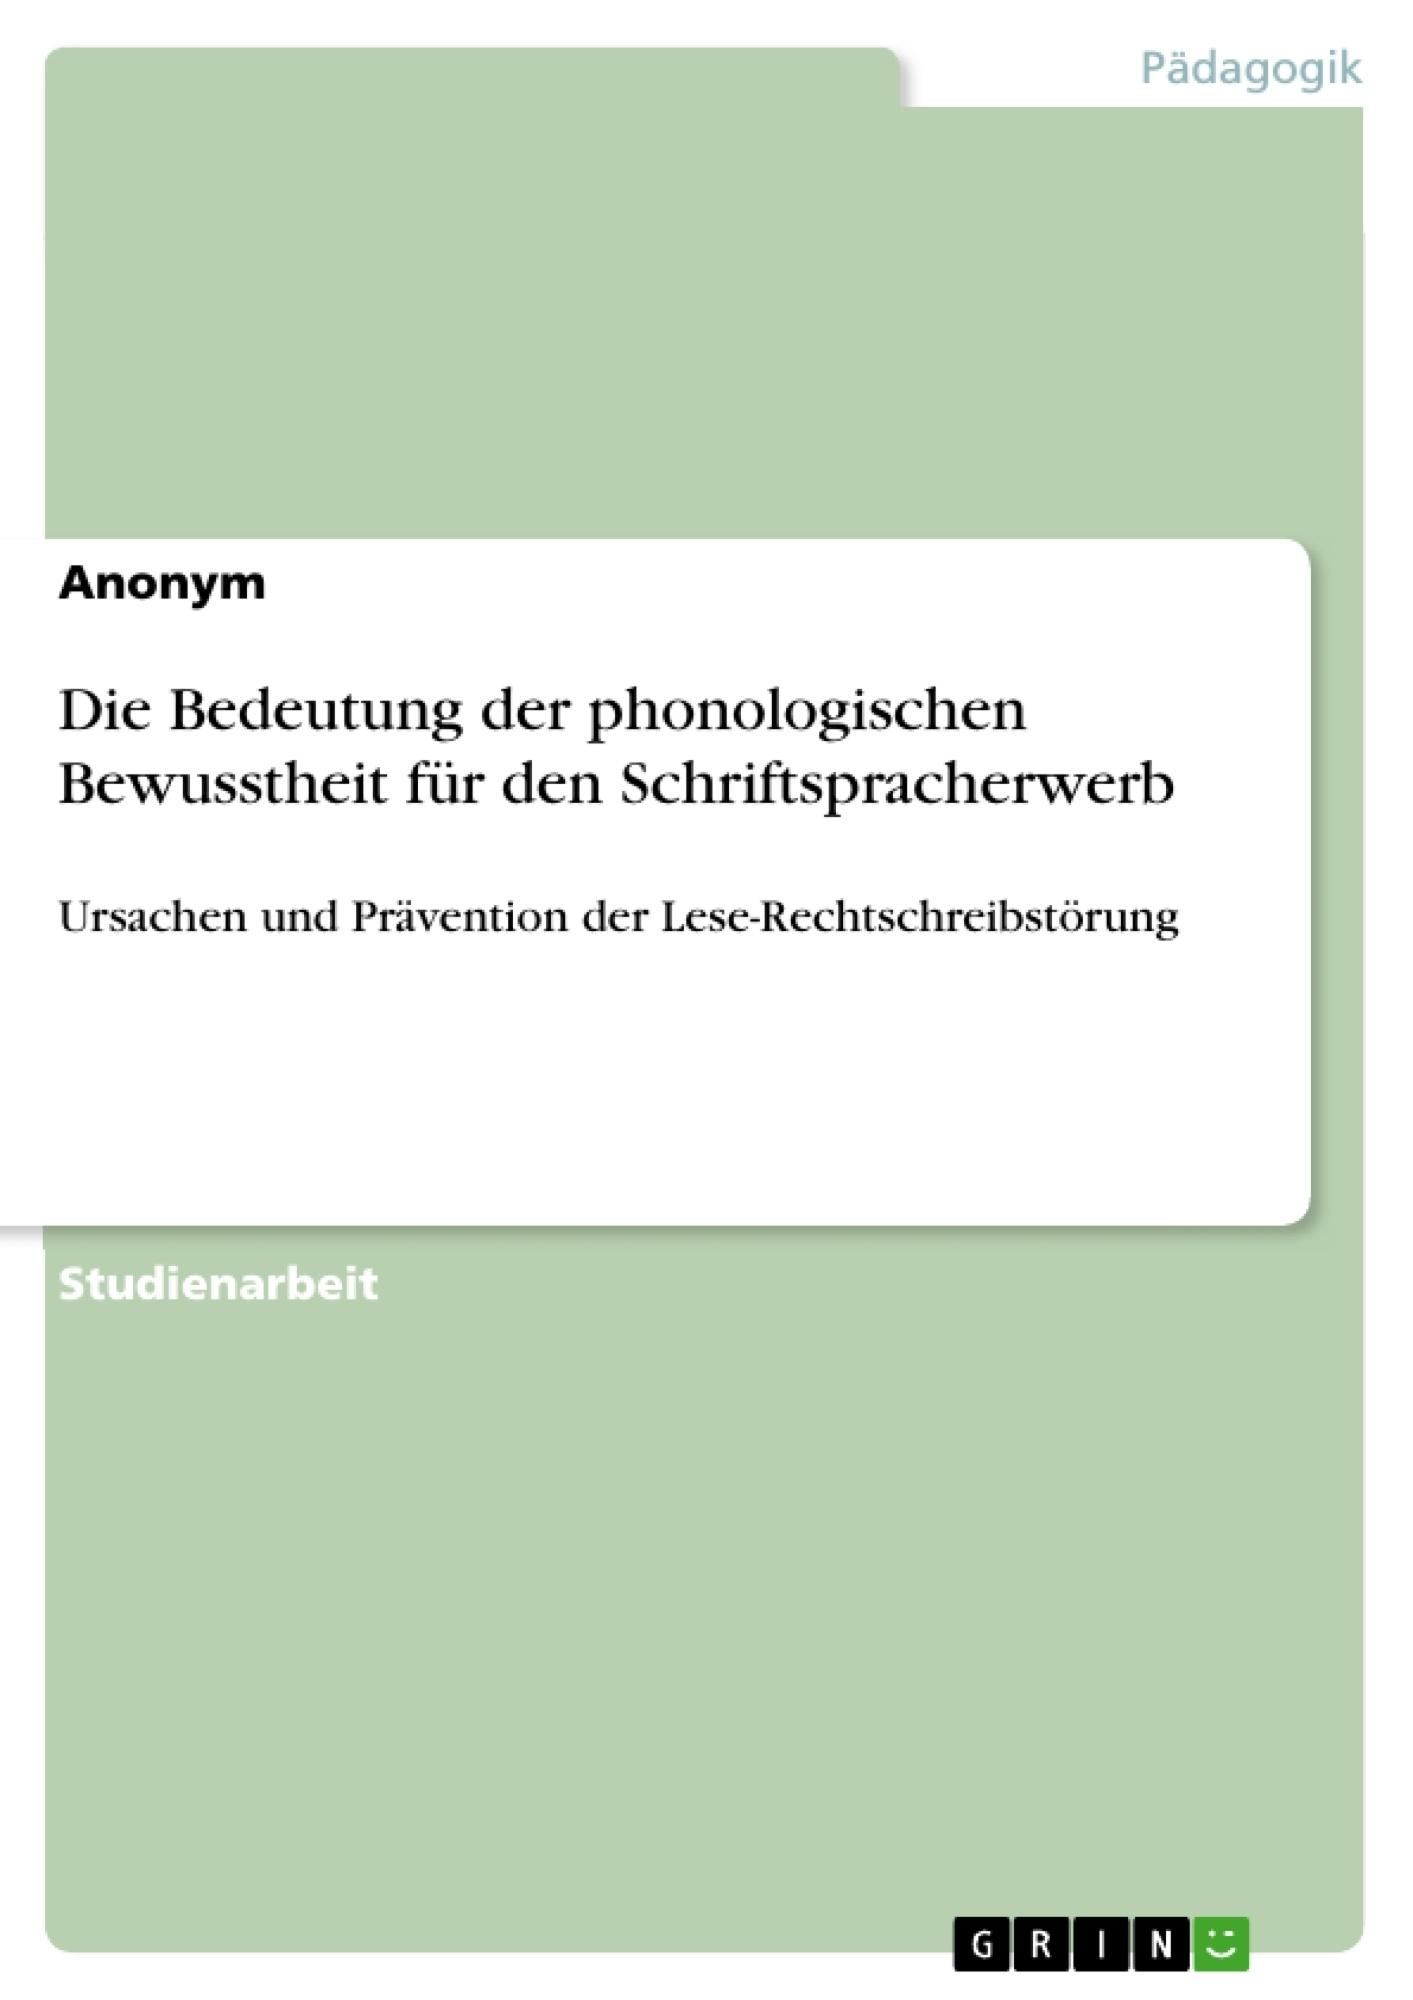 Titel: Die Bedeutung der phonologischen Bewusstheit für den Schriftspracherwerb